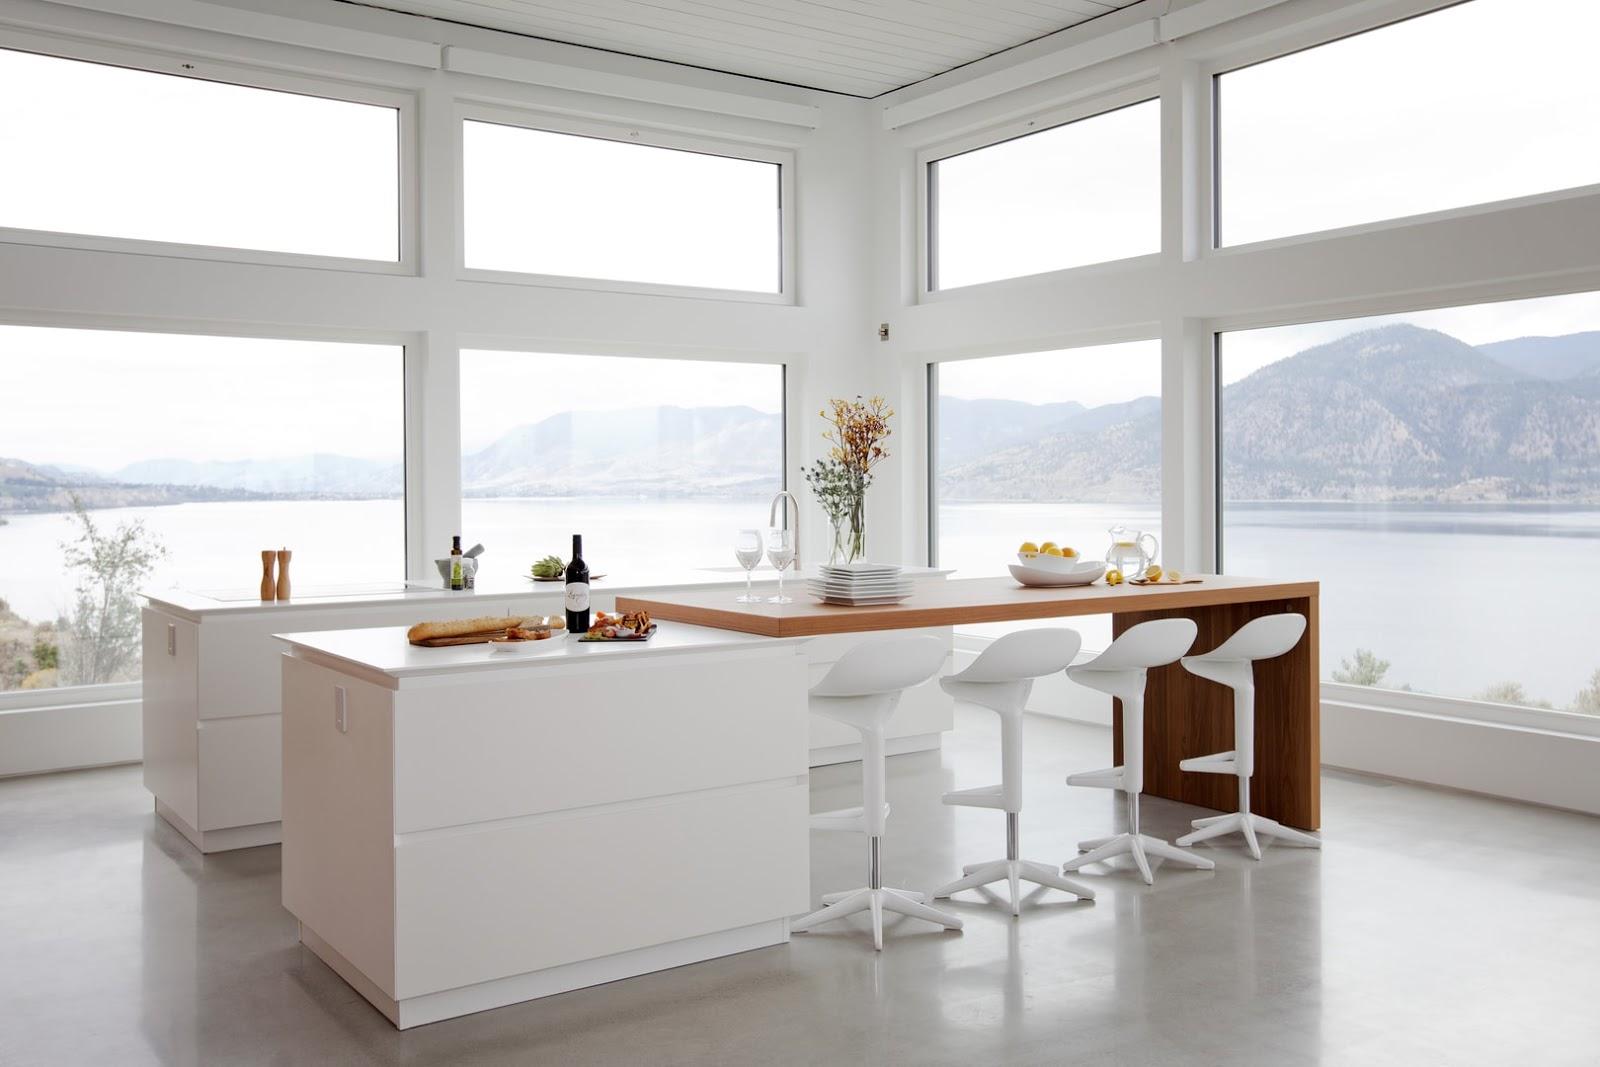 Dise ada tambi n para aprovechar y disfrutar las vistas - Cocina blanca encimera madera ...